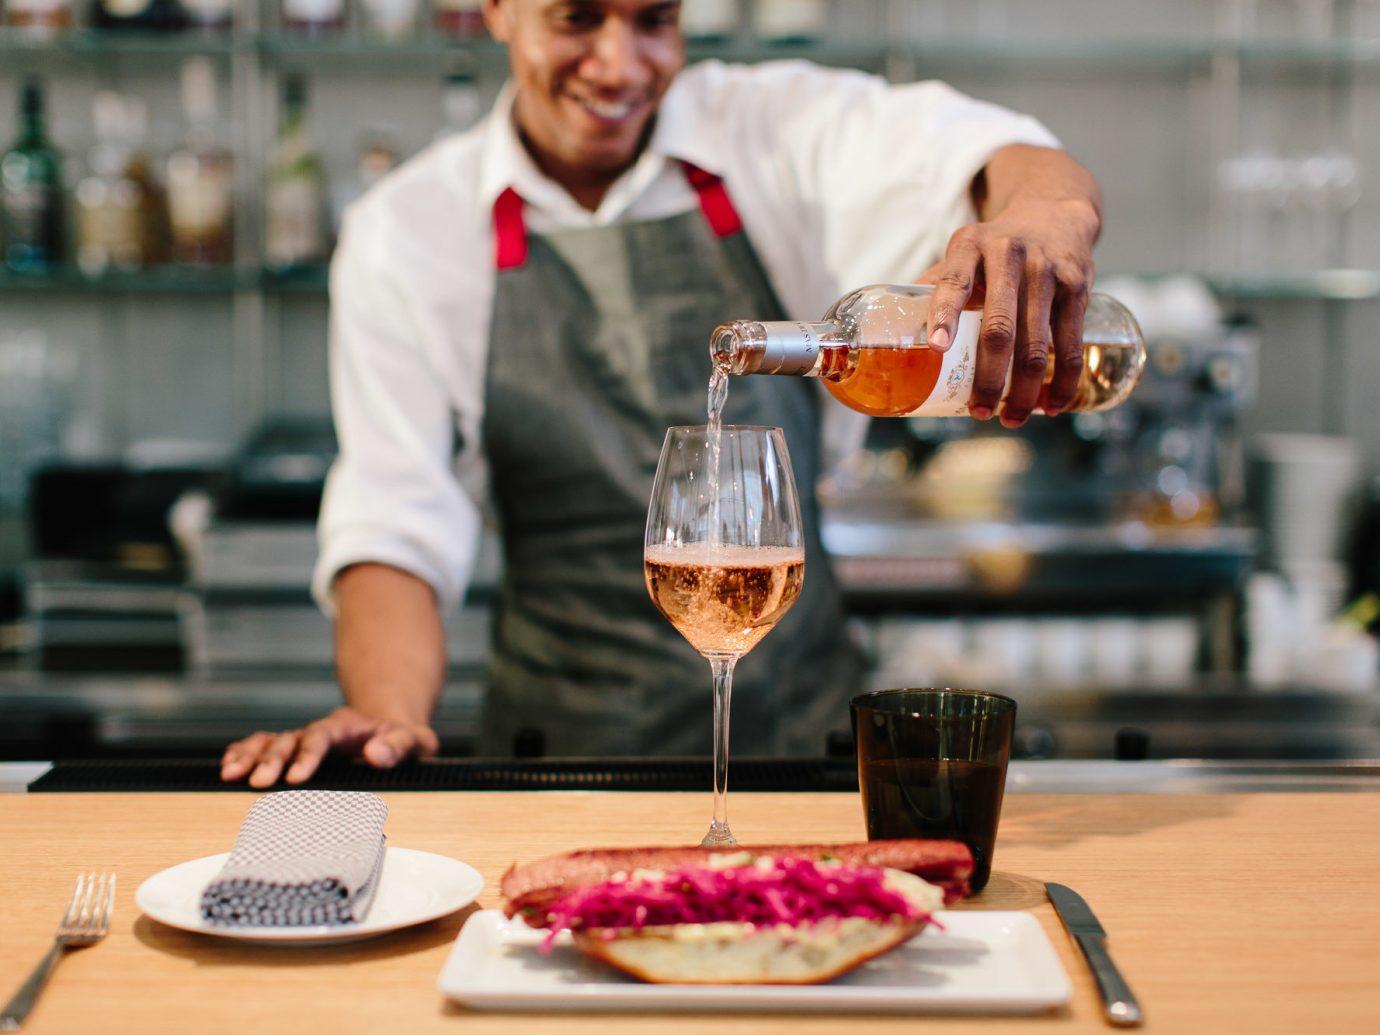 Food + Drink person meal professional cook Drink restaurant food brunch sense taste